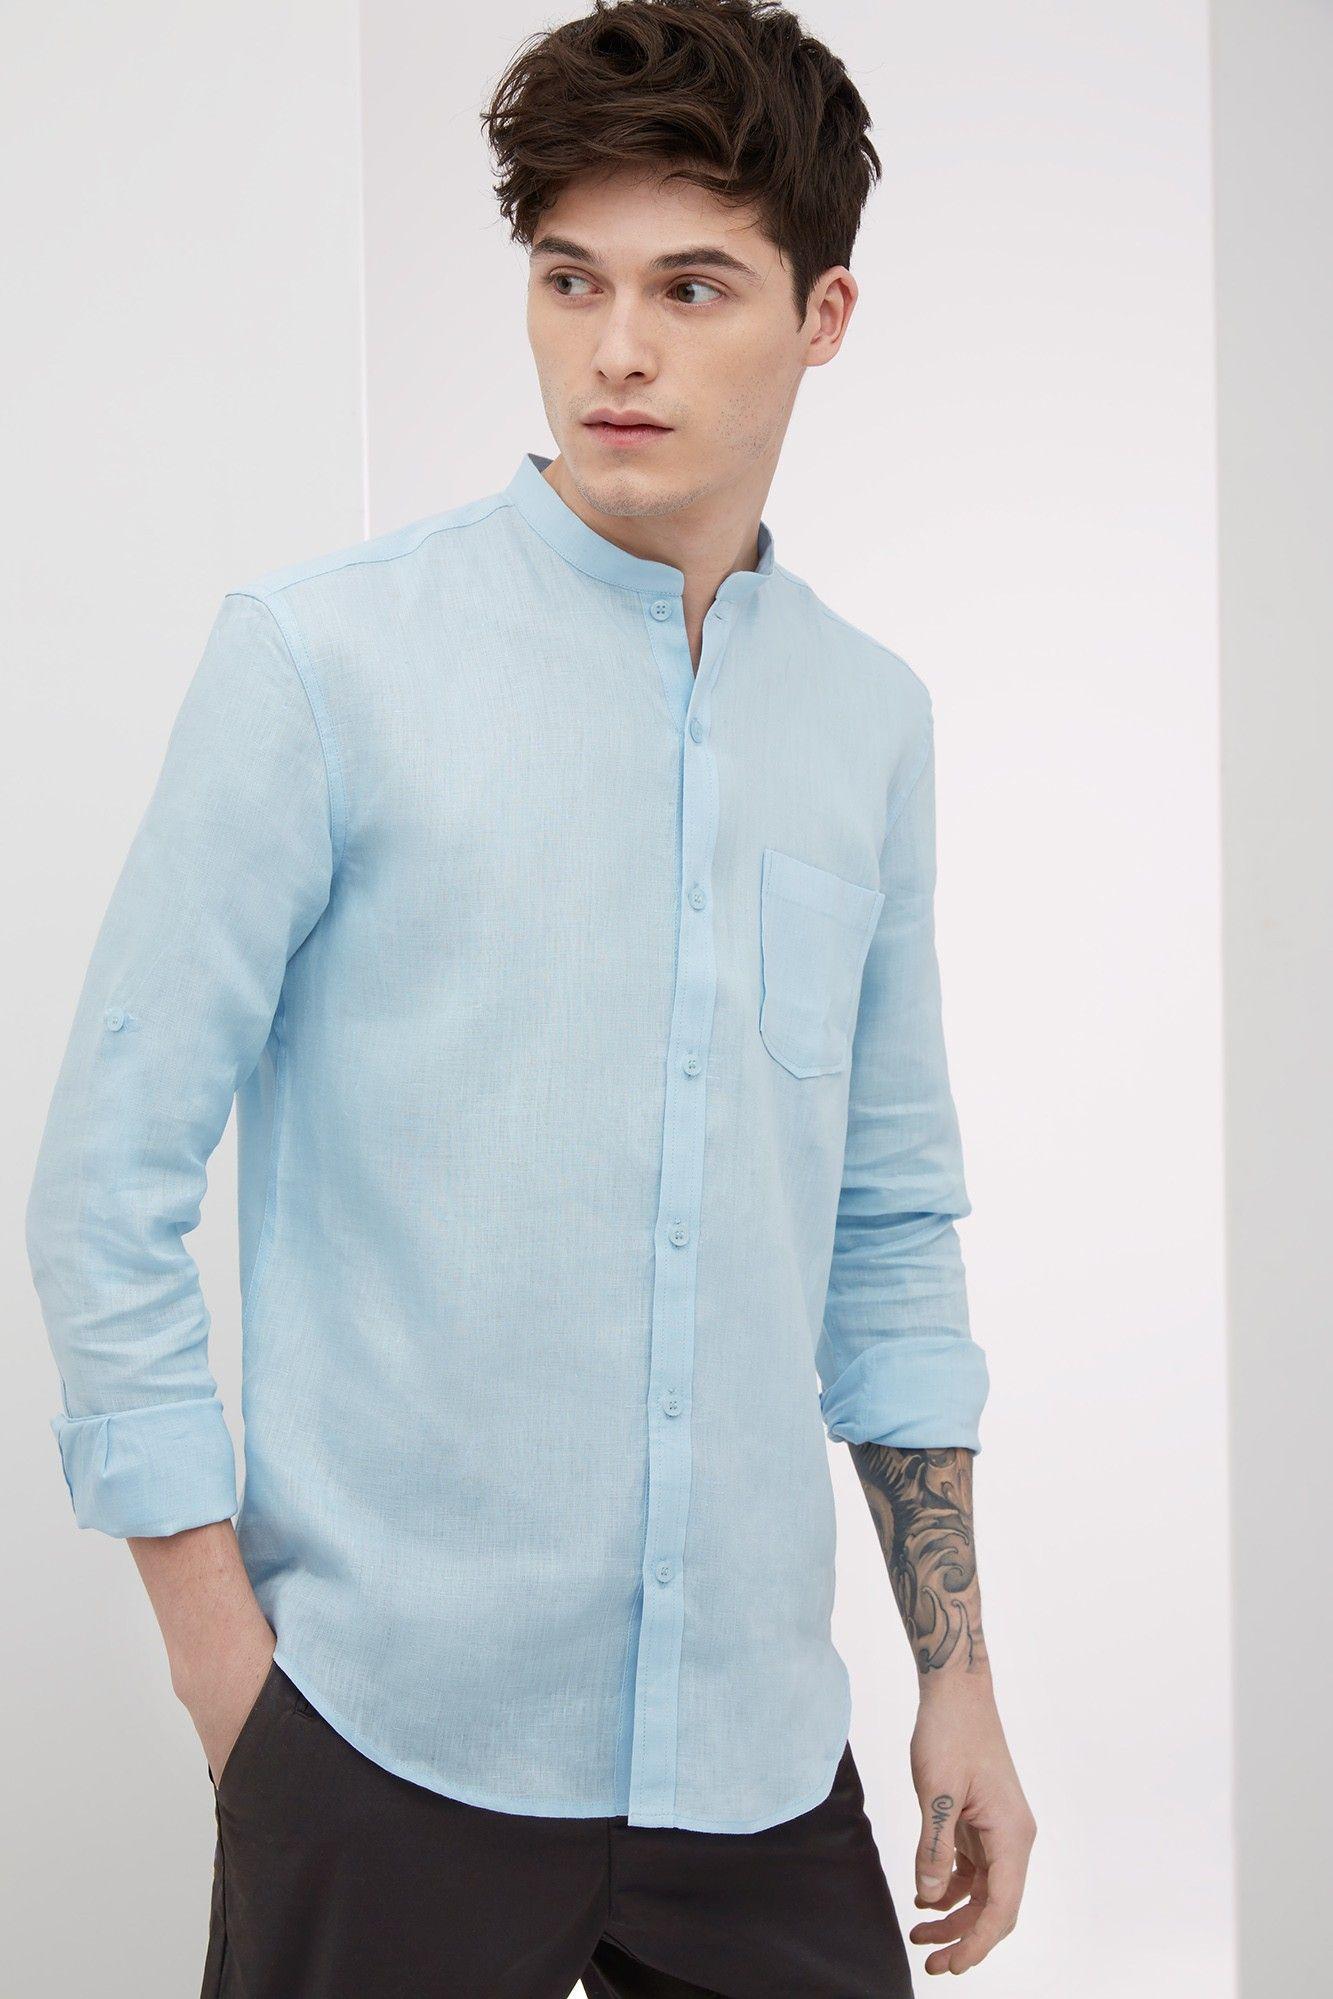 529c45f6b0 Camisa de lino con cuello mao - u man